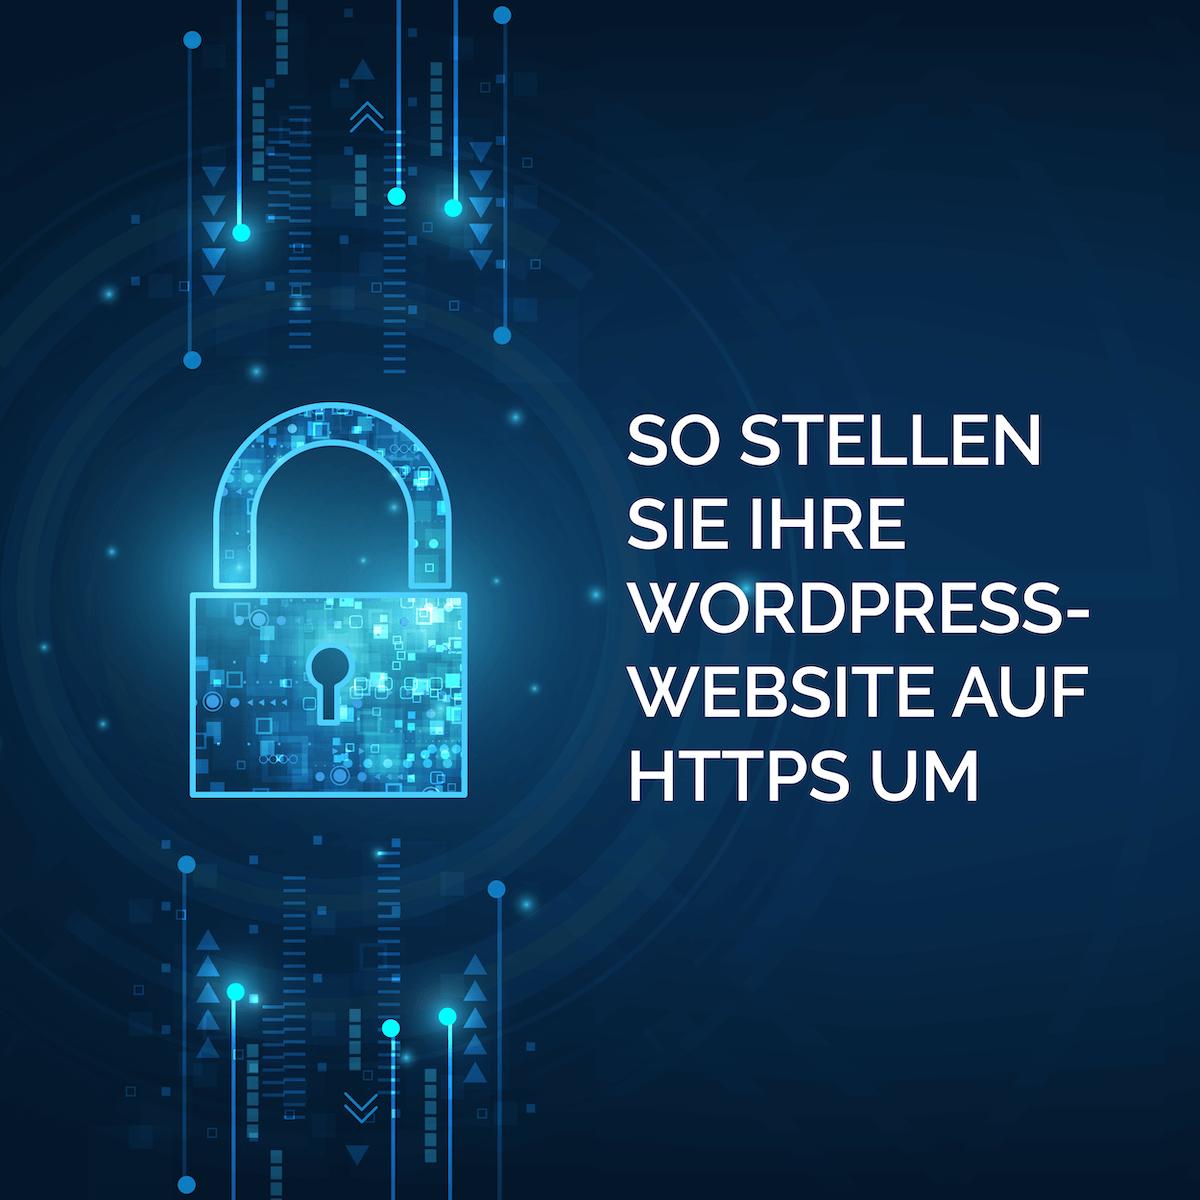 geschmacksRaum_WERBEAGENTUR_So_stellen_Sie_Ihre_WordPress-Website_auf_HTTPS_um-t